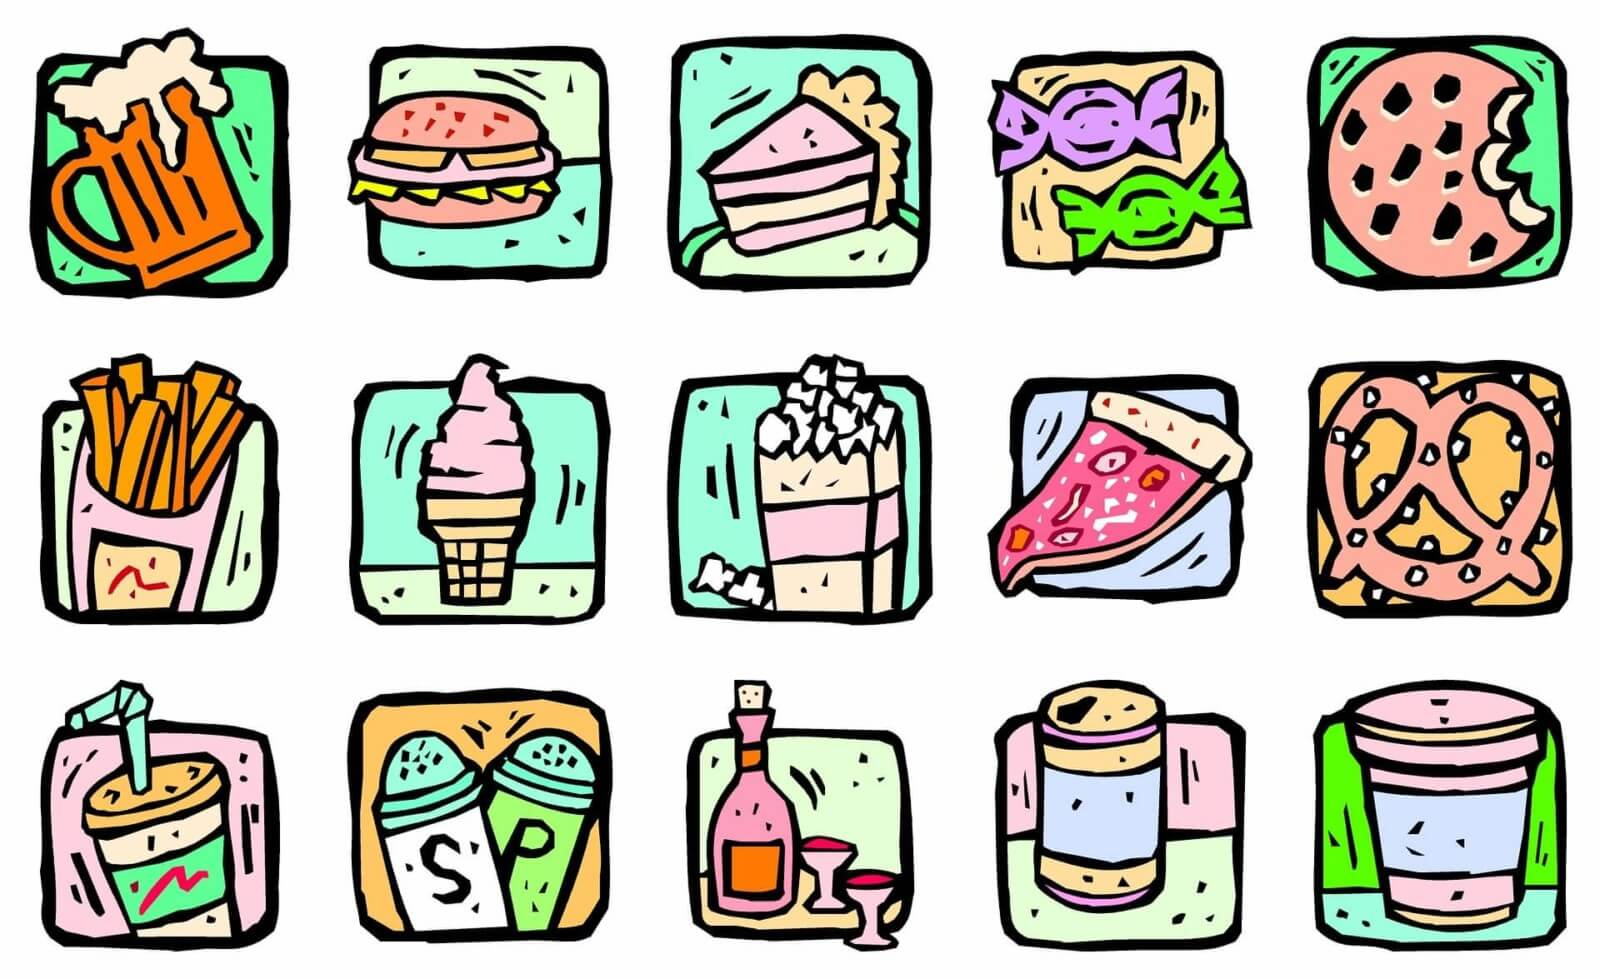 советы диетолога: как не сорваться во время диеты